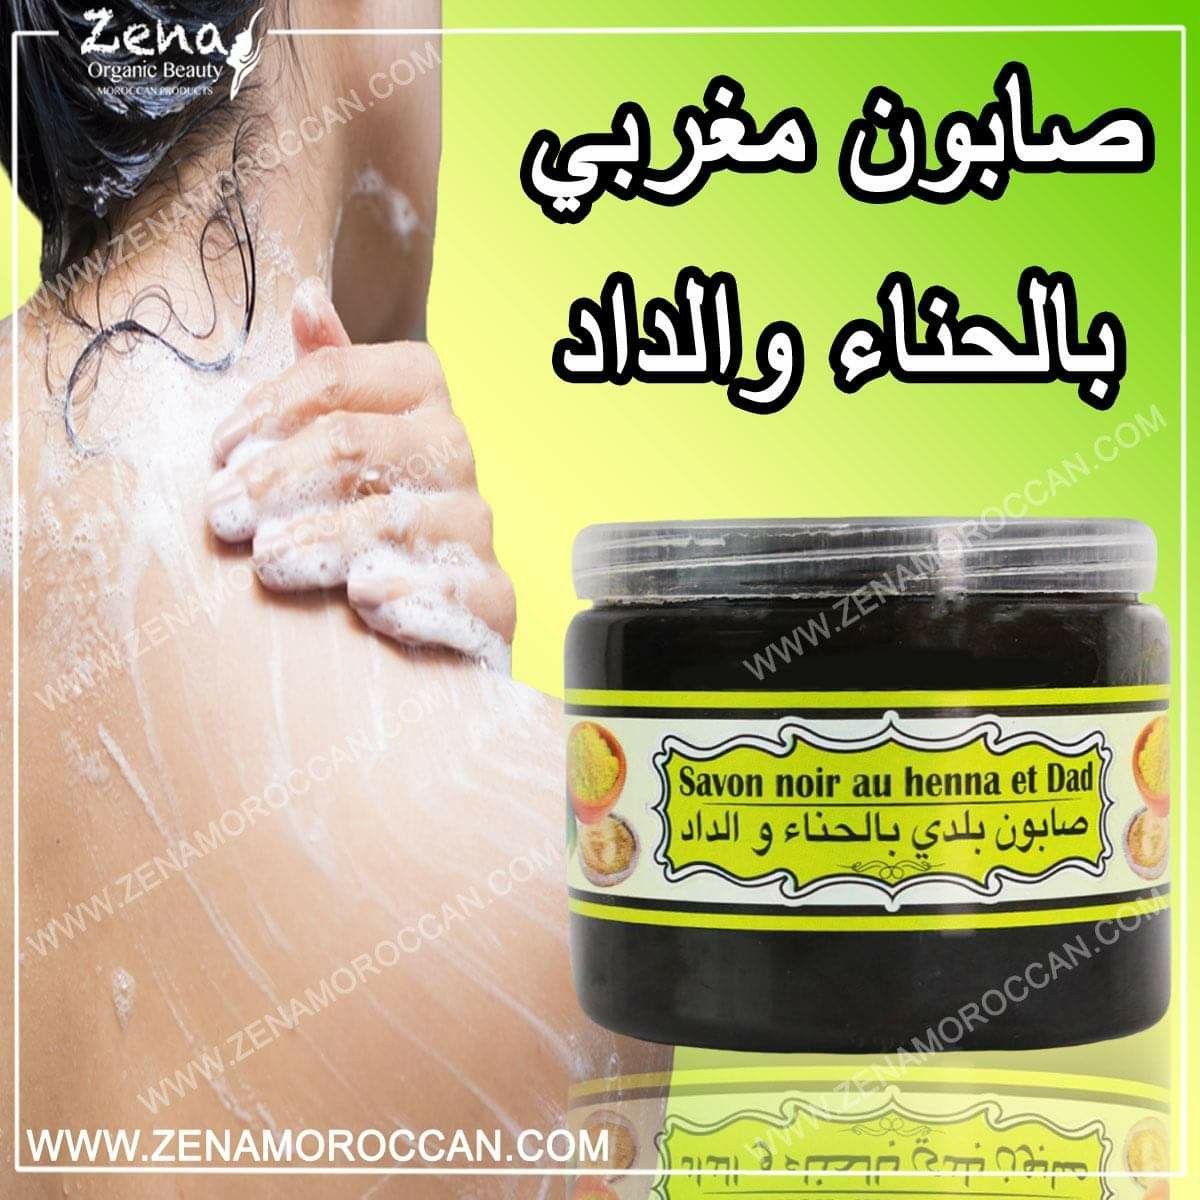 صابون مغربي بالحناء والداد Organic Beauty Beauty Recipe Beauty Care